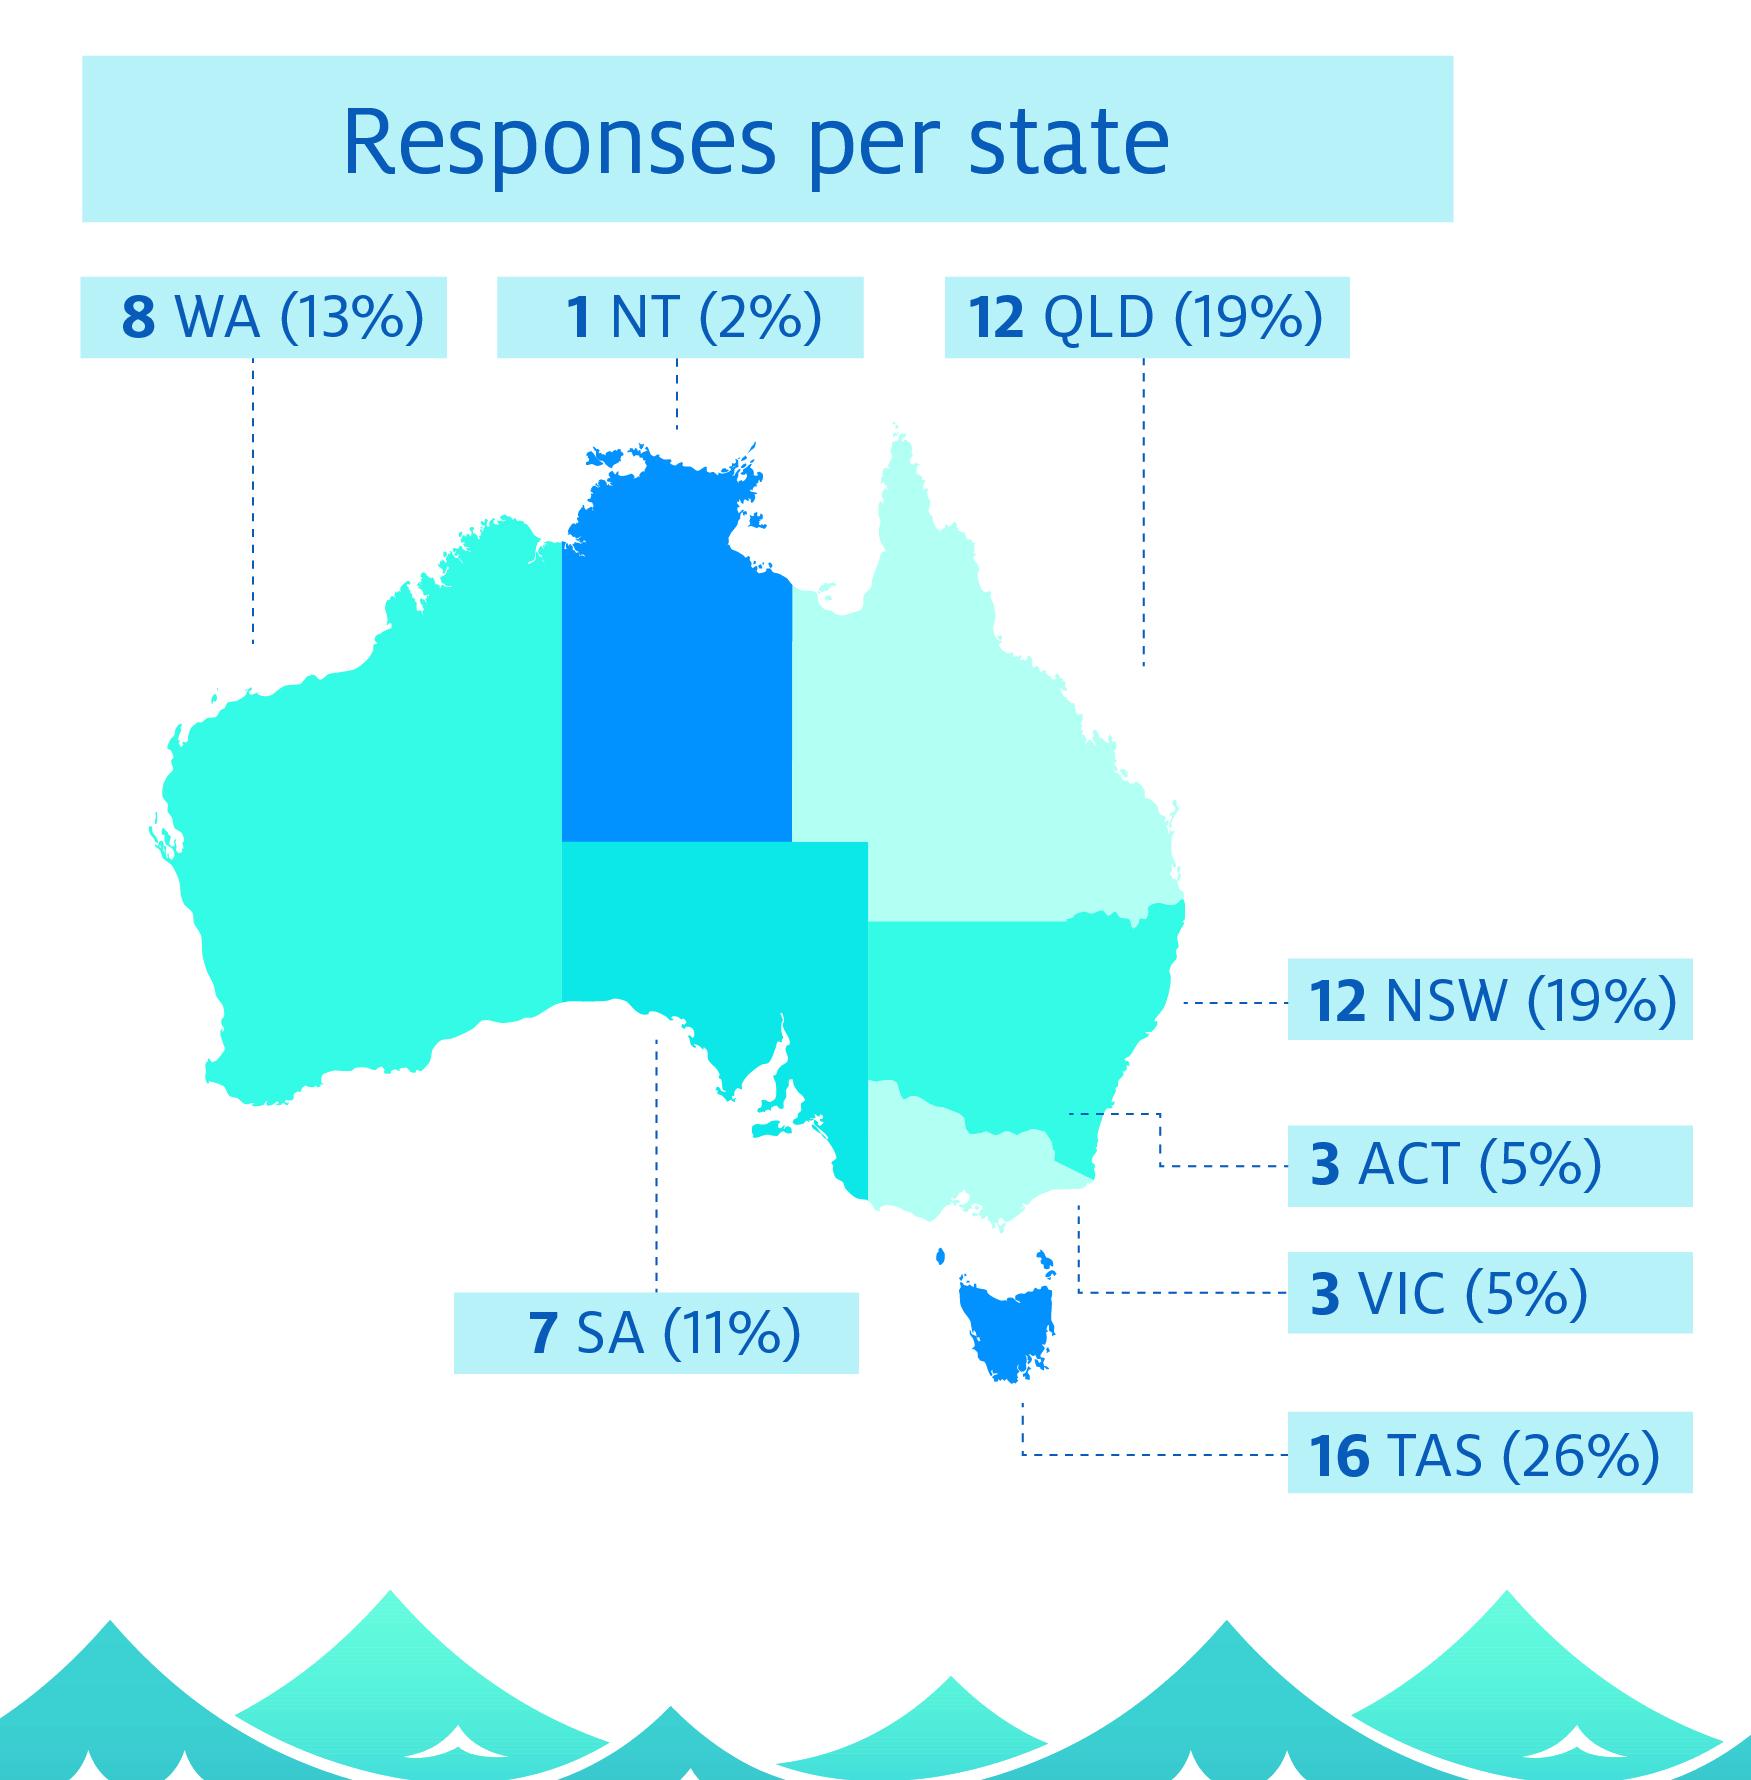 Responses per state: 8 WA (13%), 1 NT (2%), 12 QLD (19%), 7 SA (11%), 12 NSW (19%), 3 ACT (5%), 3 VIC (5%), 16 TAS (26%)